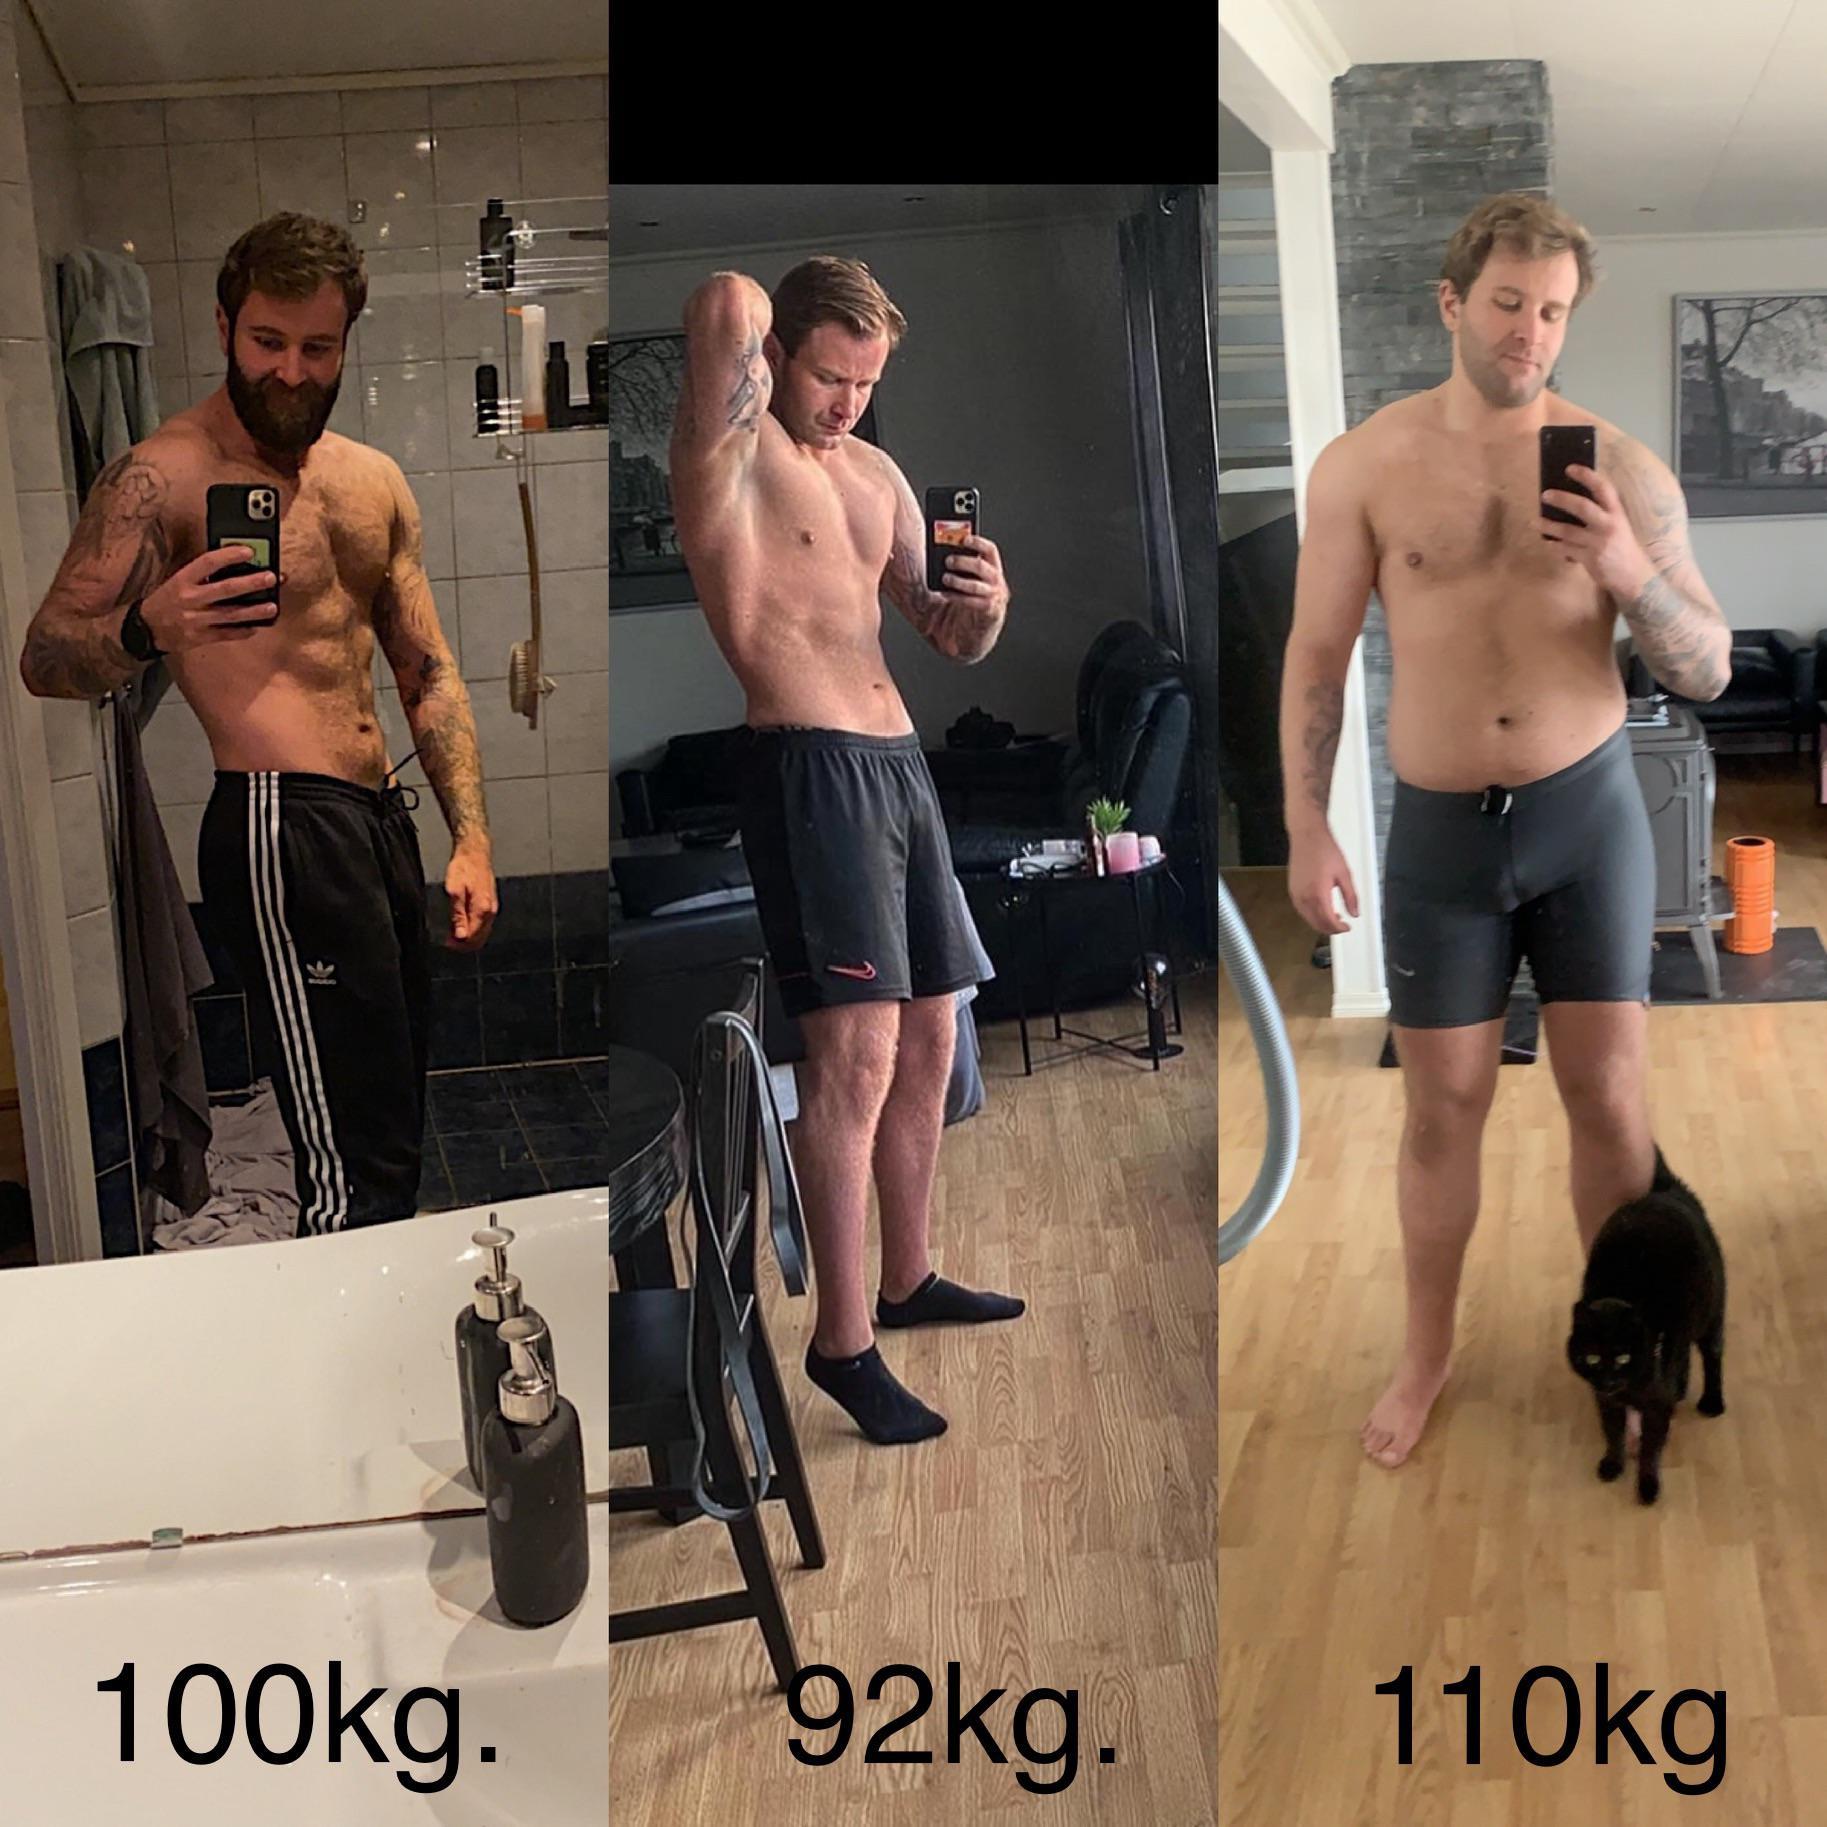 6'2 Male Progress Pics of 18 lbs Fat Loss 243 lbs to 225 lbs